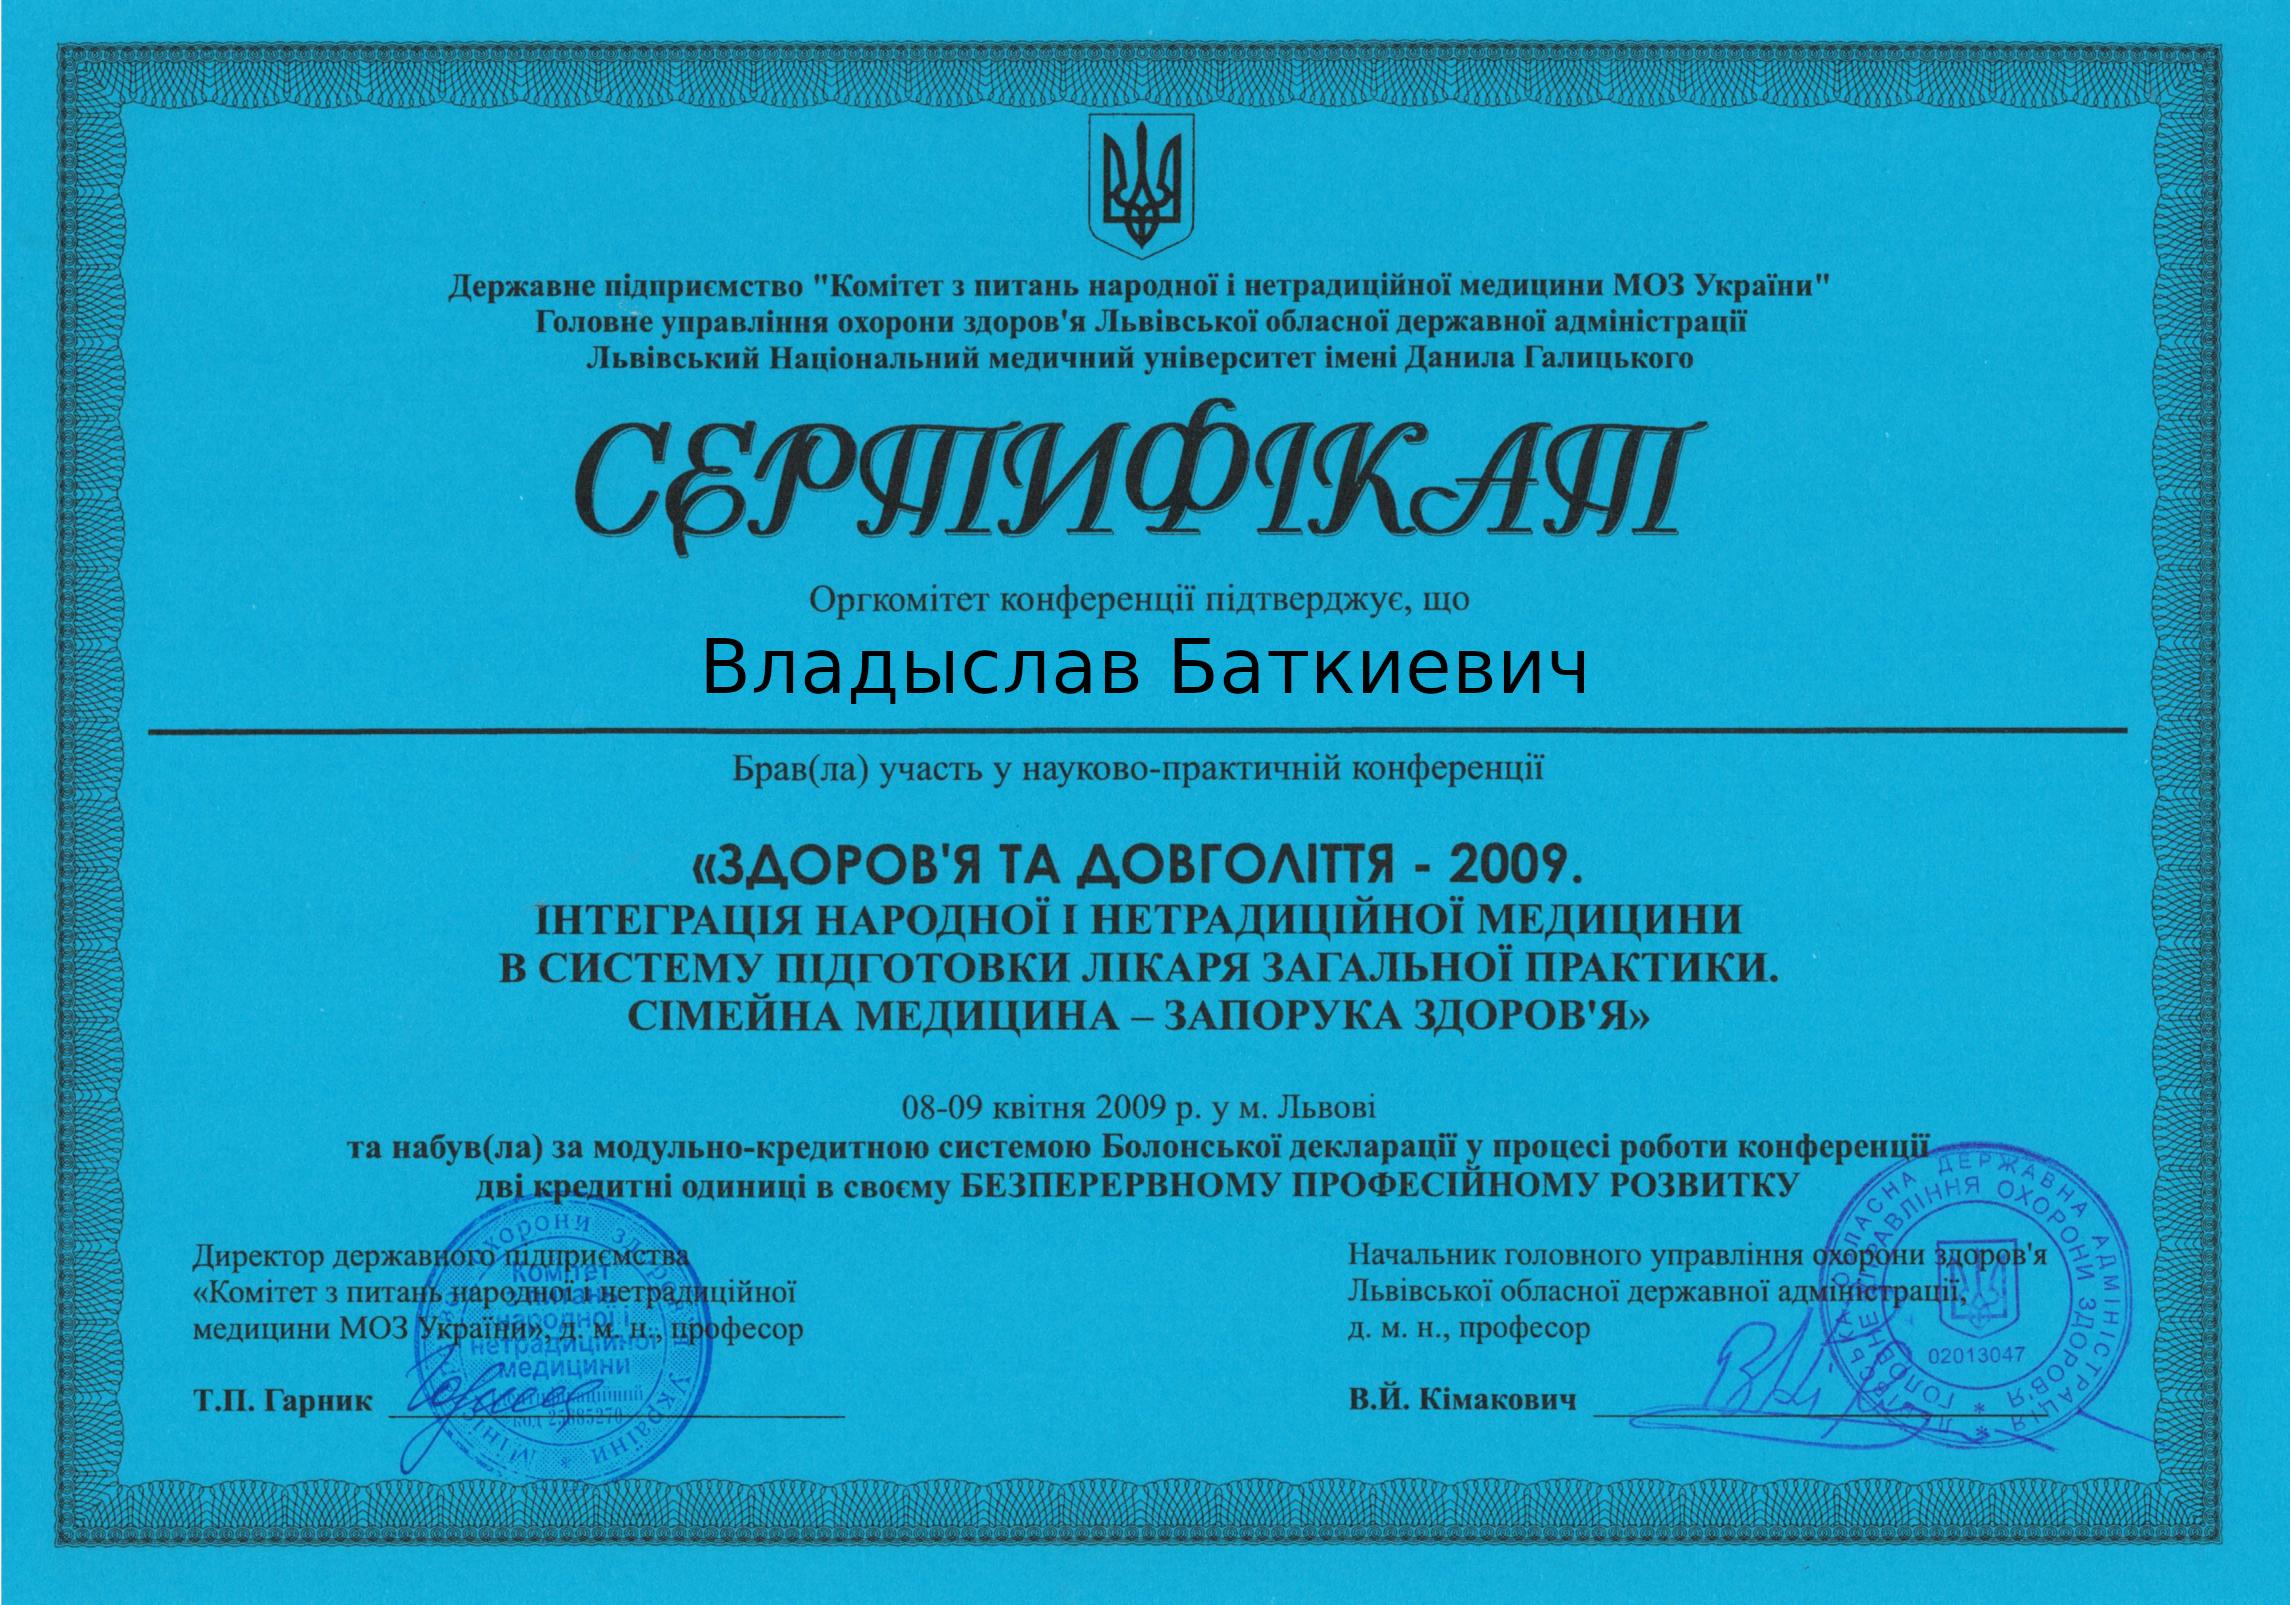 UKRAINA 1 (3)